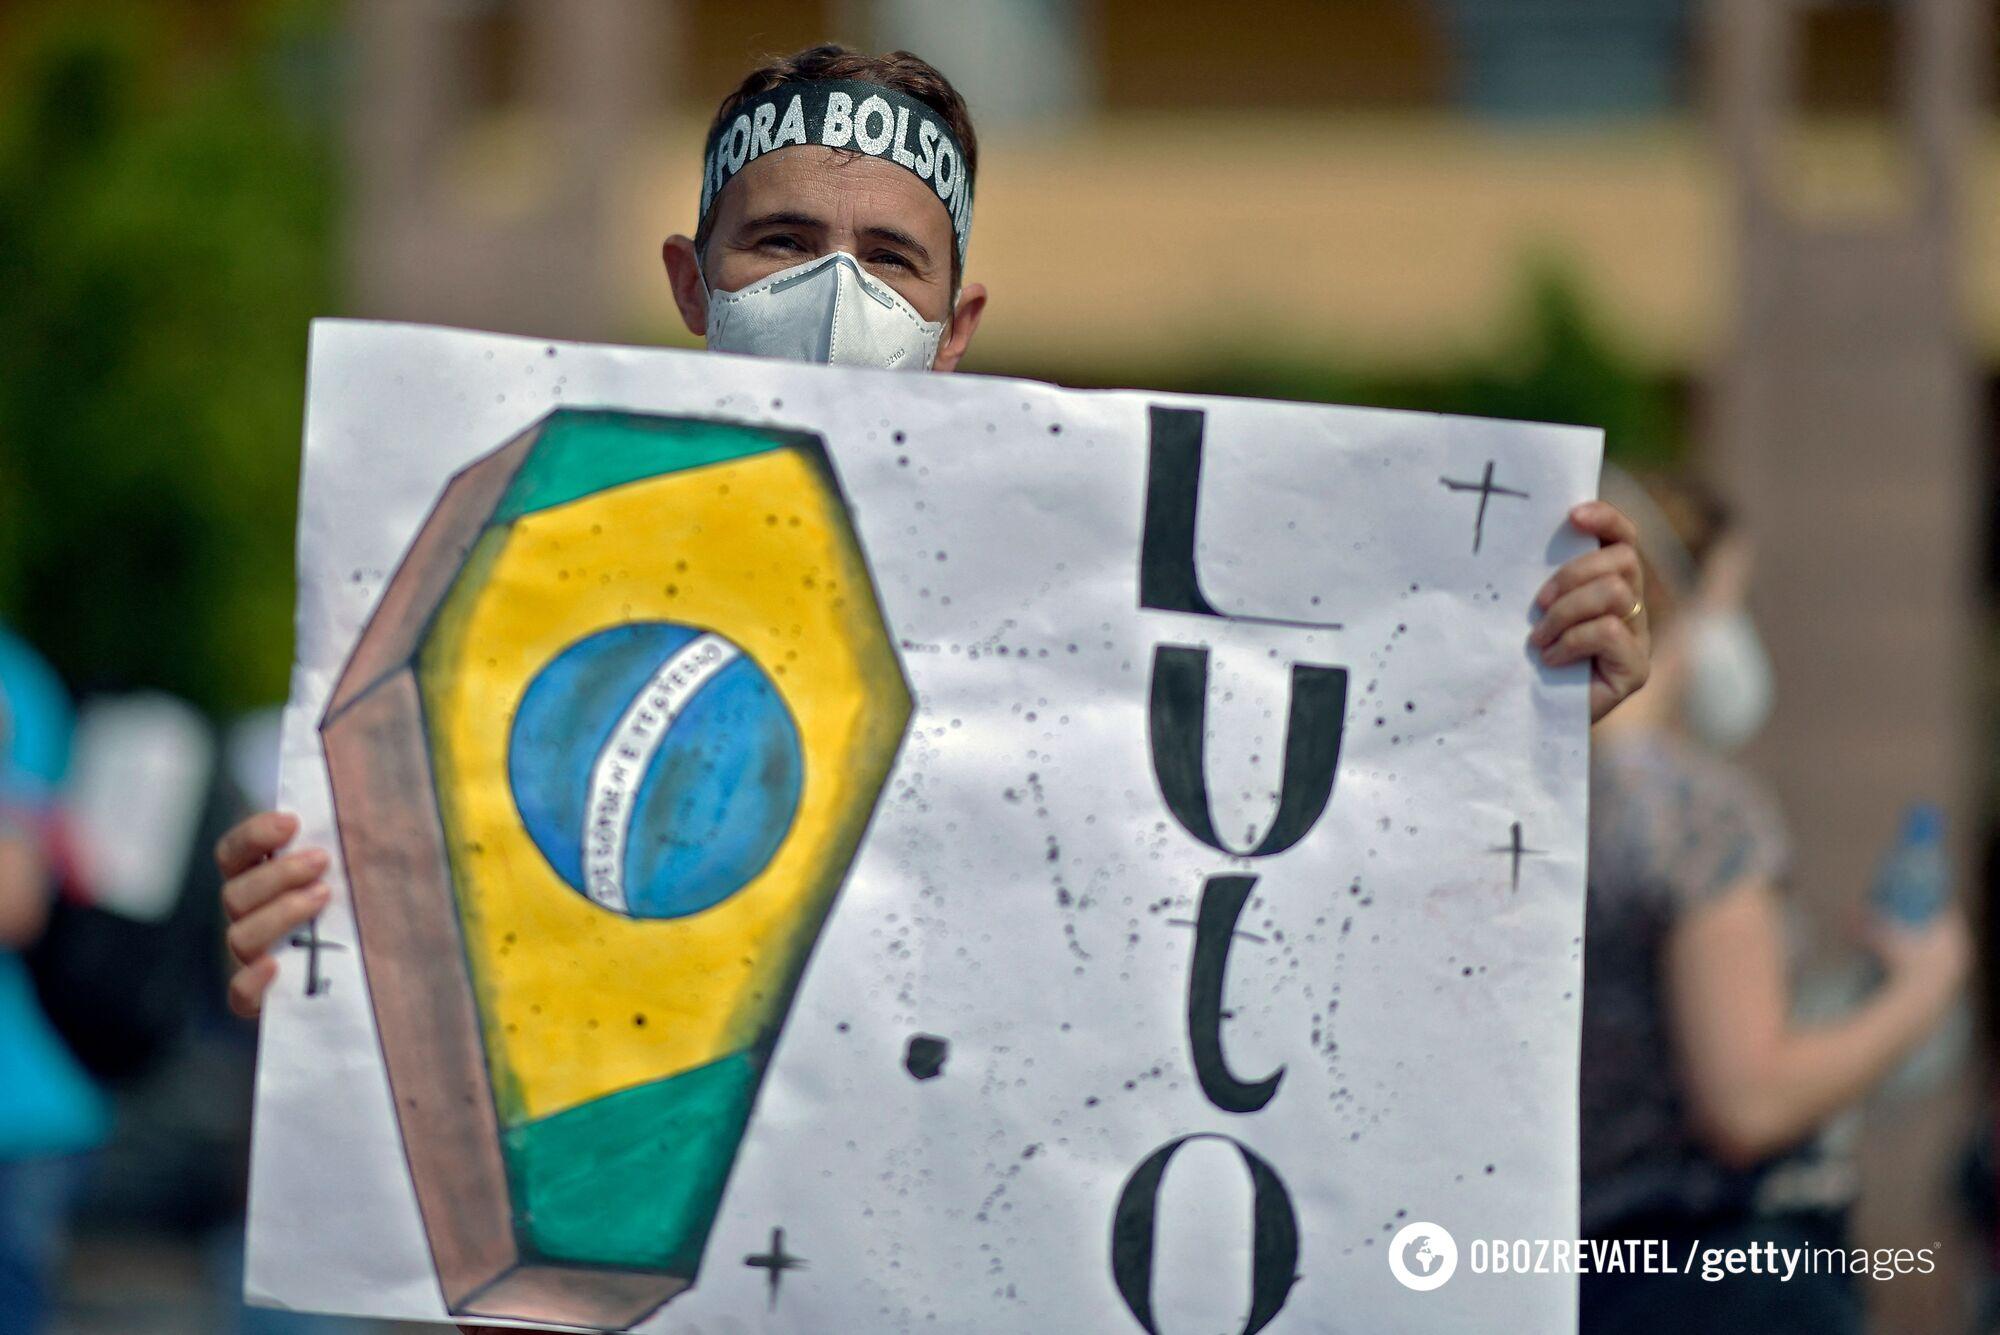 Антиурядовий протест у Бразилії через ситуацію з коронавірусом